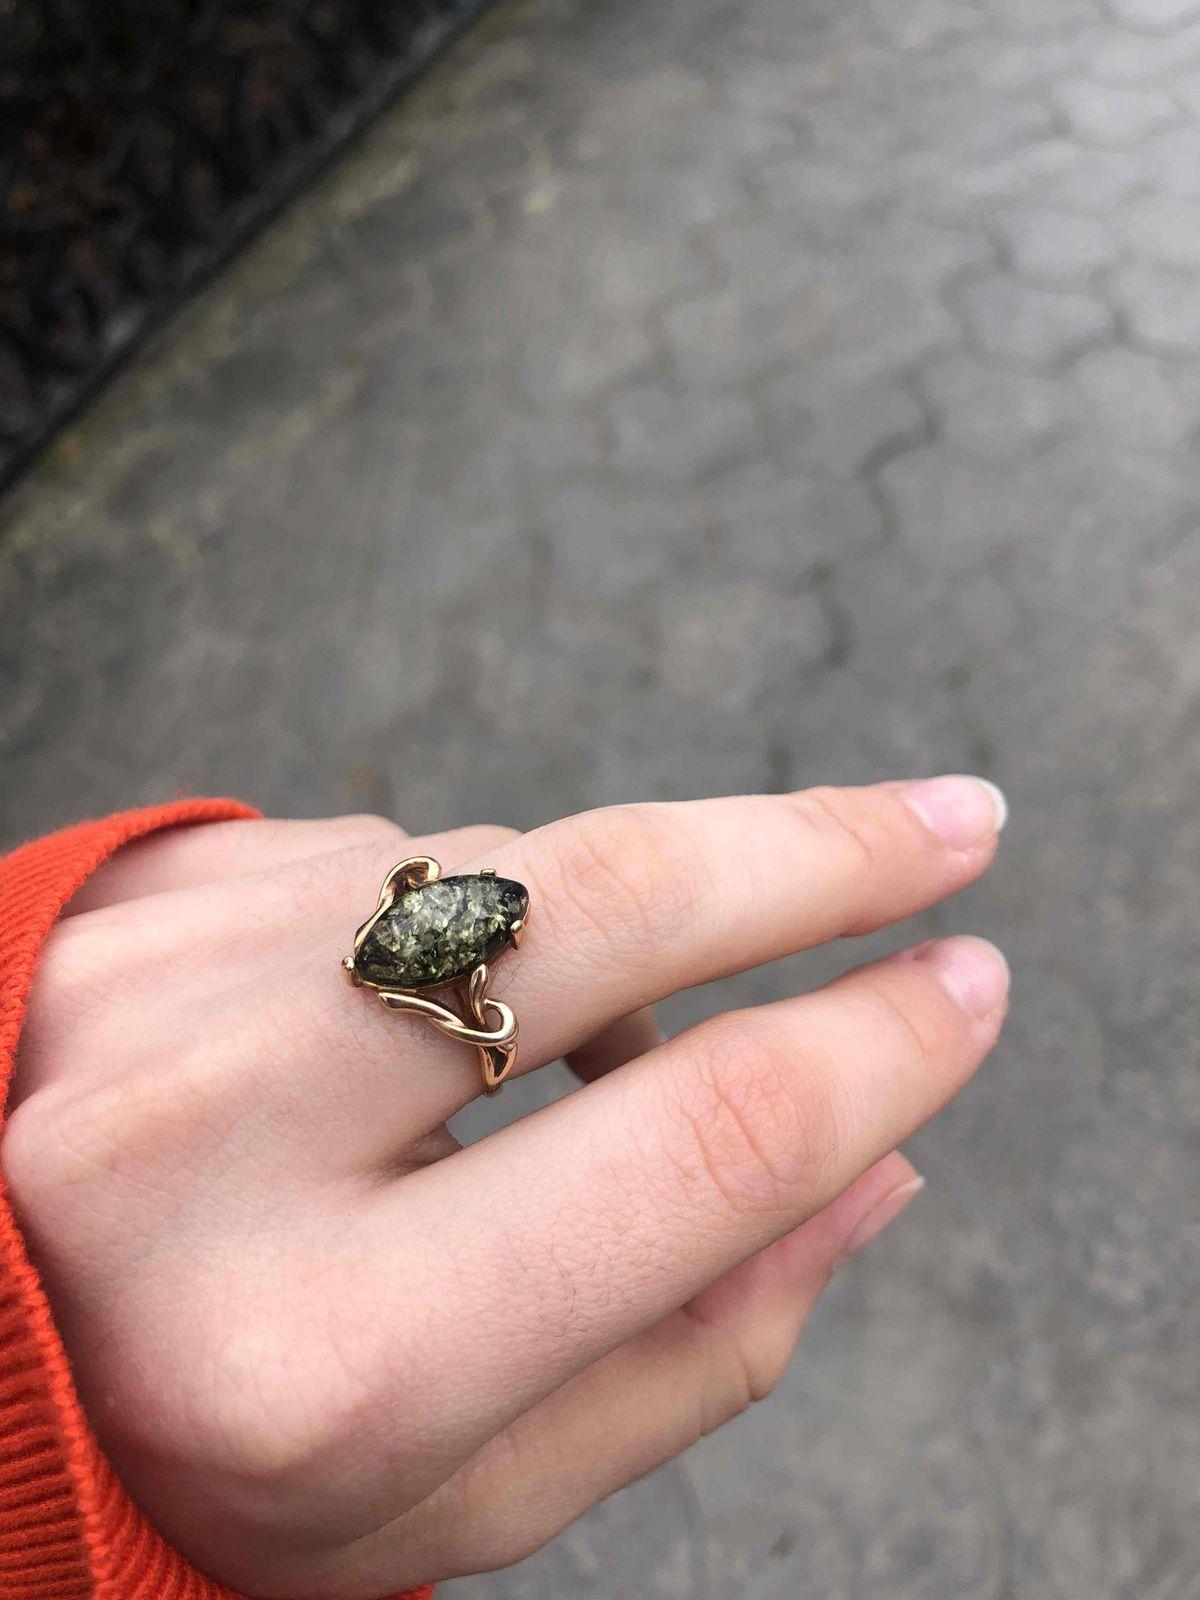 Я наверное никогда не сниму это кольцо, оно очень практичное